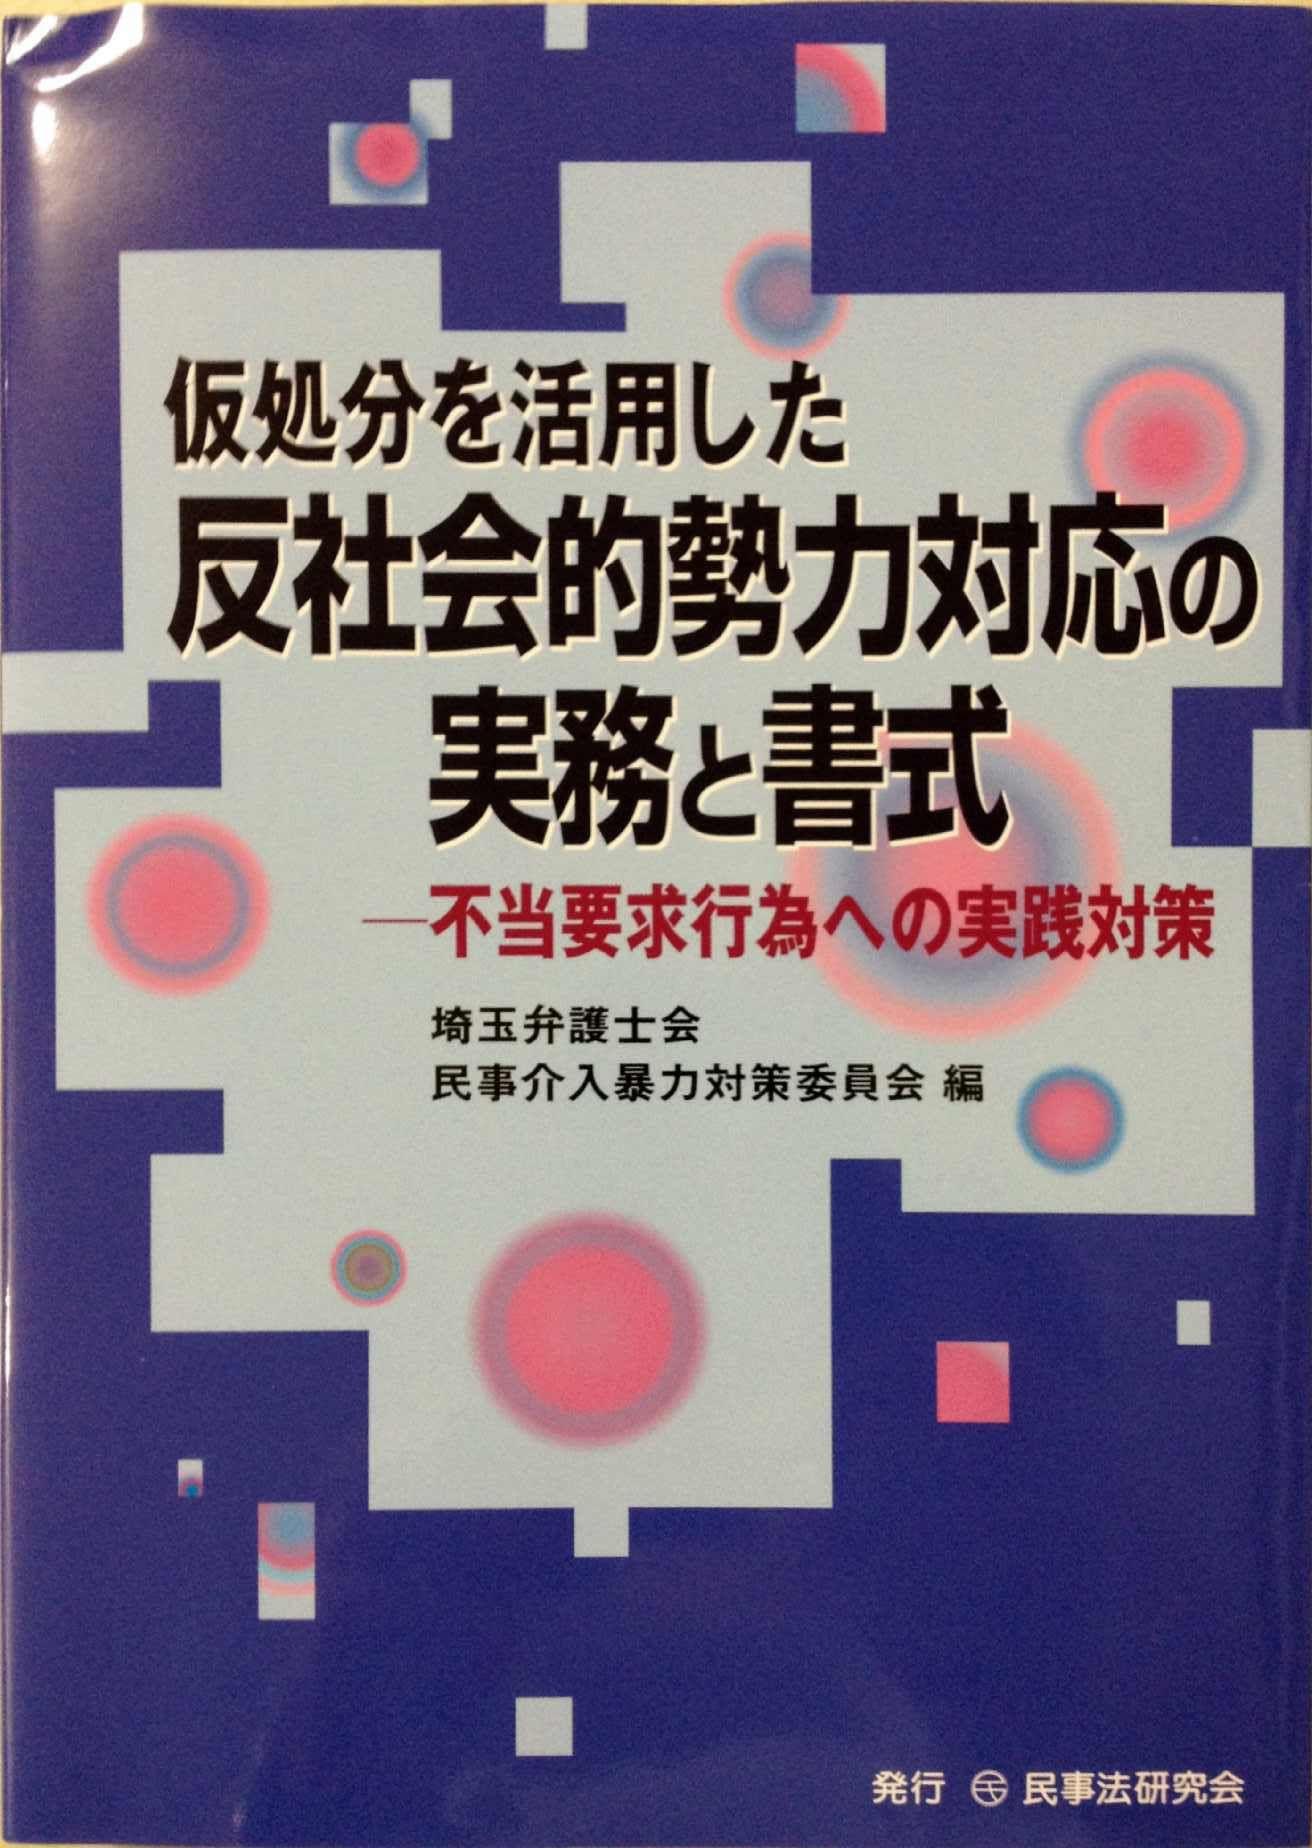 司法書士佐田康典の月露見聞館 » 反社会勢力対応の実務と書式